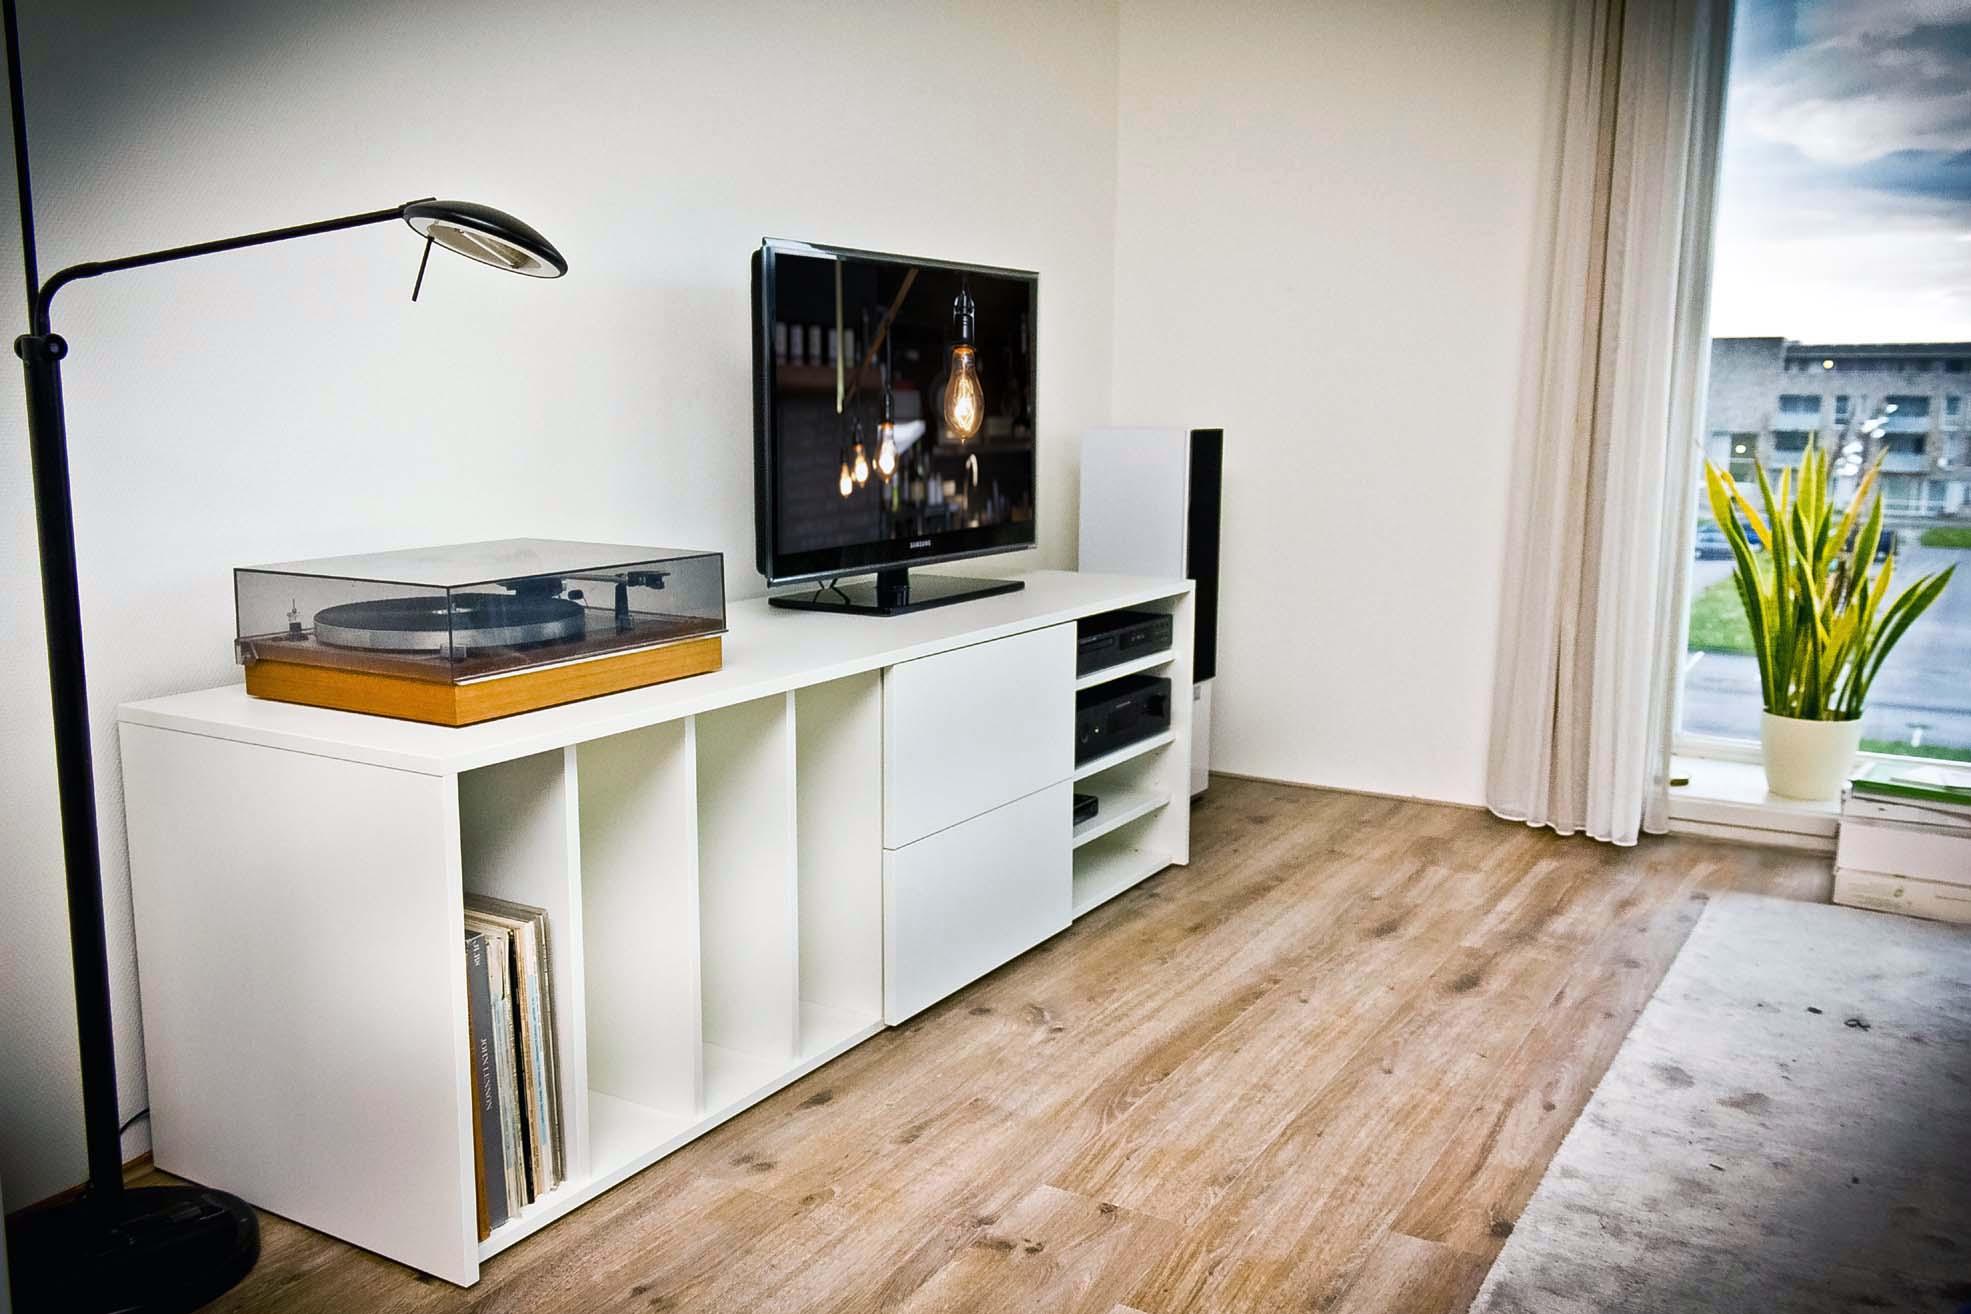 Design Tv Meubel Tweedehands.Ontwerp Je Eigen Meubel Met Emondo Op Iear Audio Show